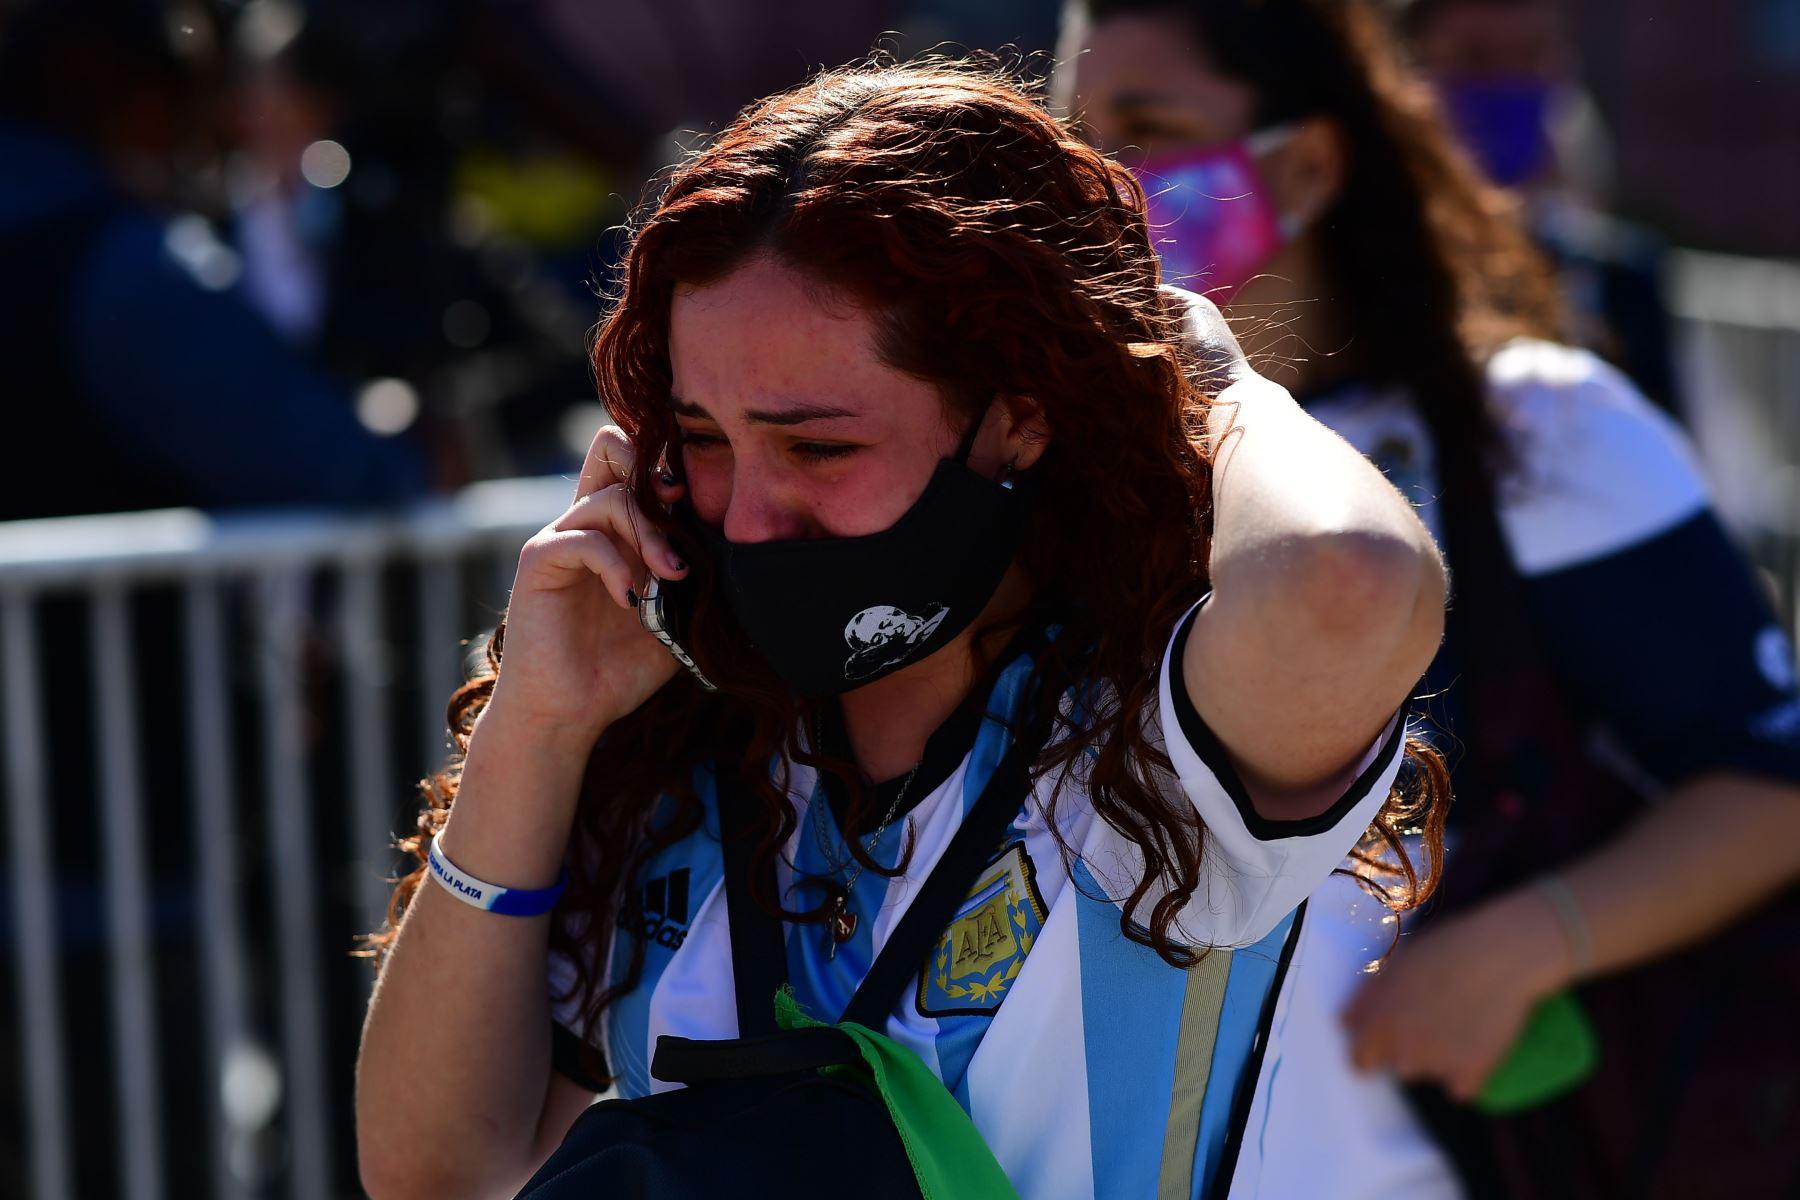 Los seguidores de Diego Maradona lloran luego de rendir homenaje a la leyenda del fútbol Diego Armando Maradona en la Casa de Gobierno en Buenos Aires. Foto: AFP